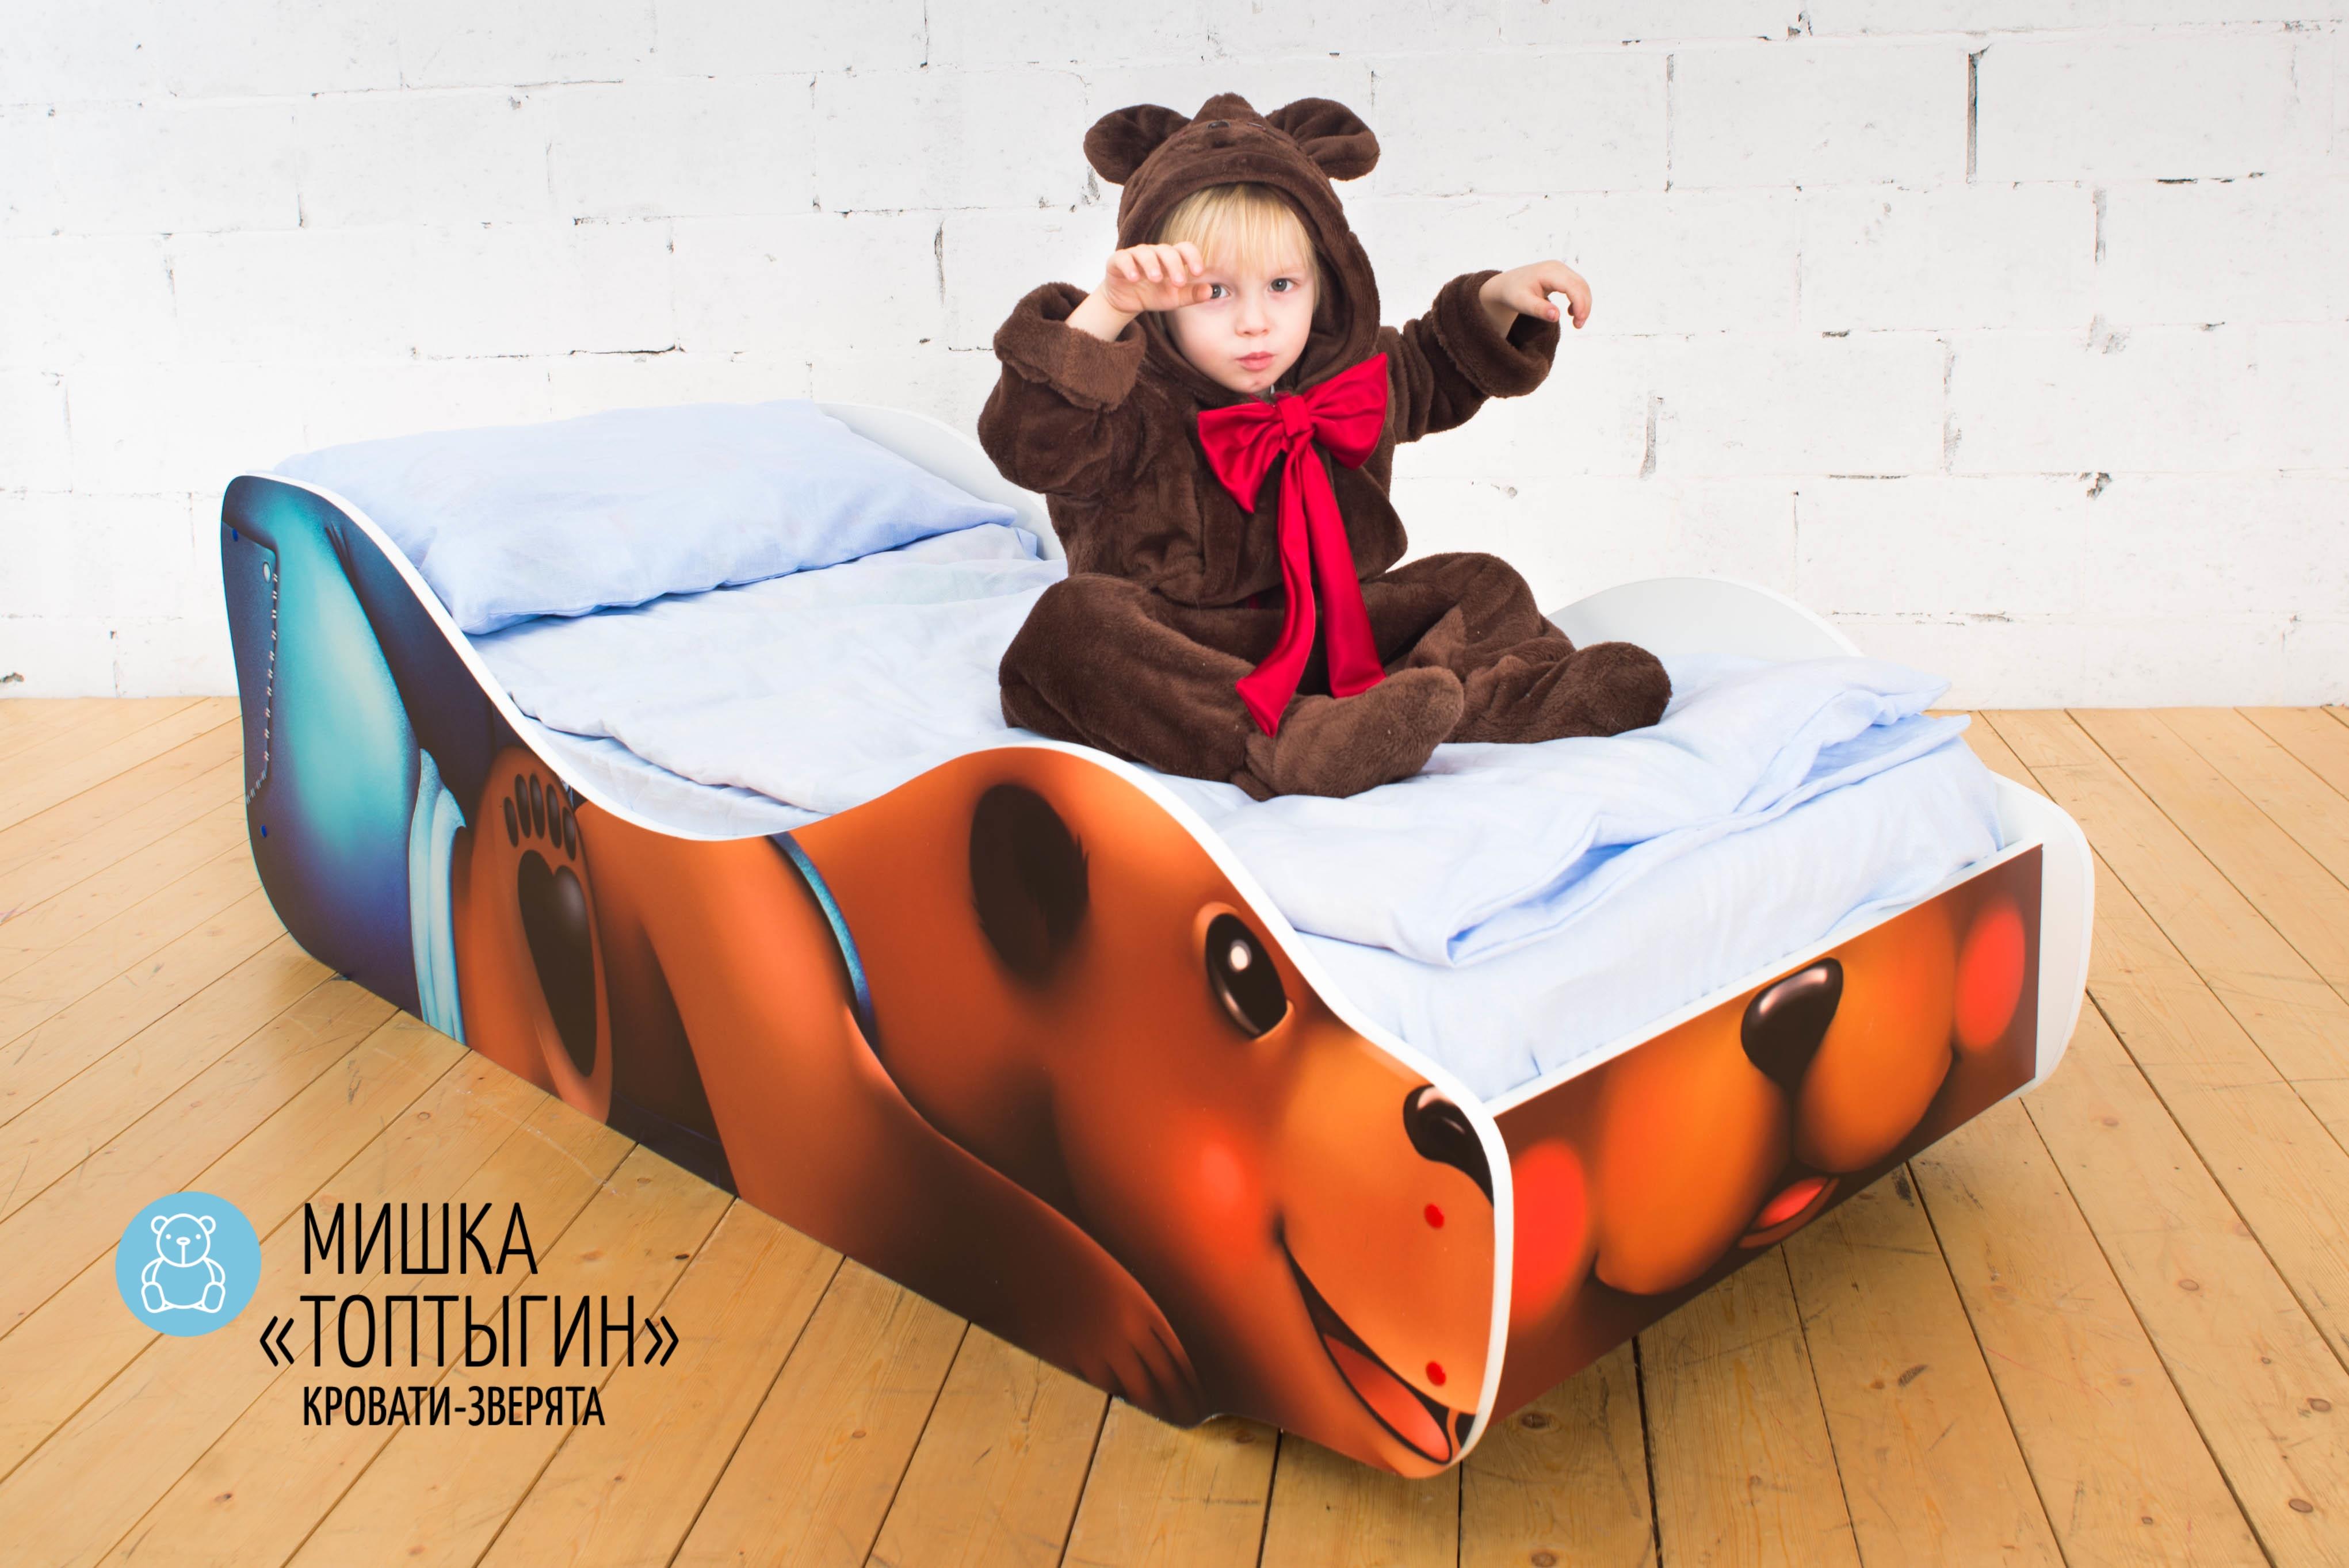 Детская кровать-зверенок -Мишка-Топтыгин-11